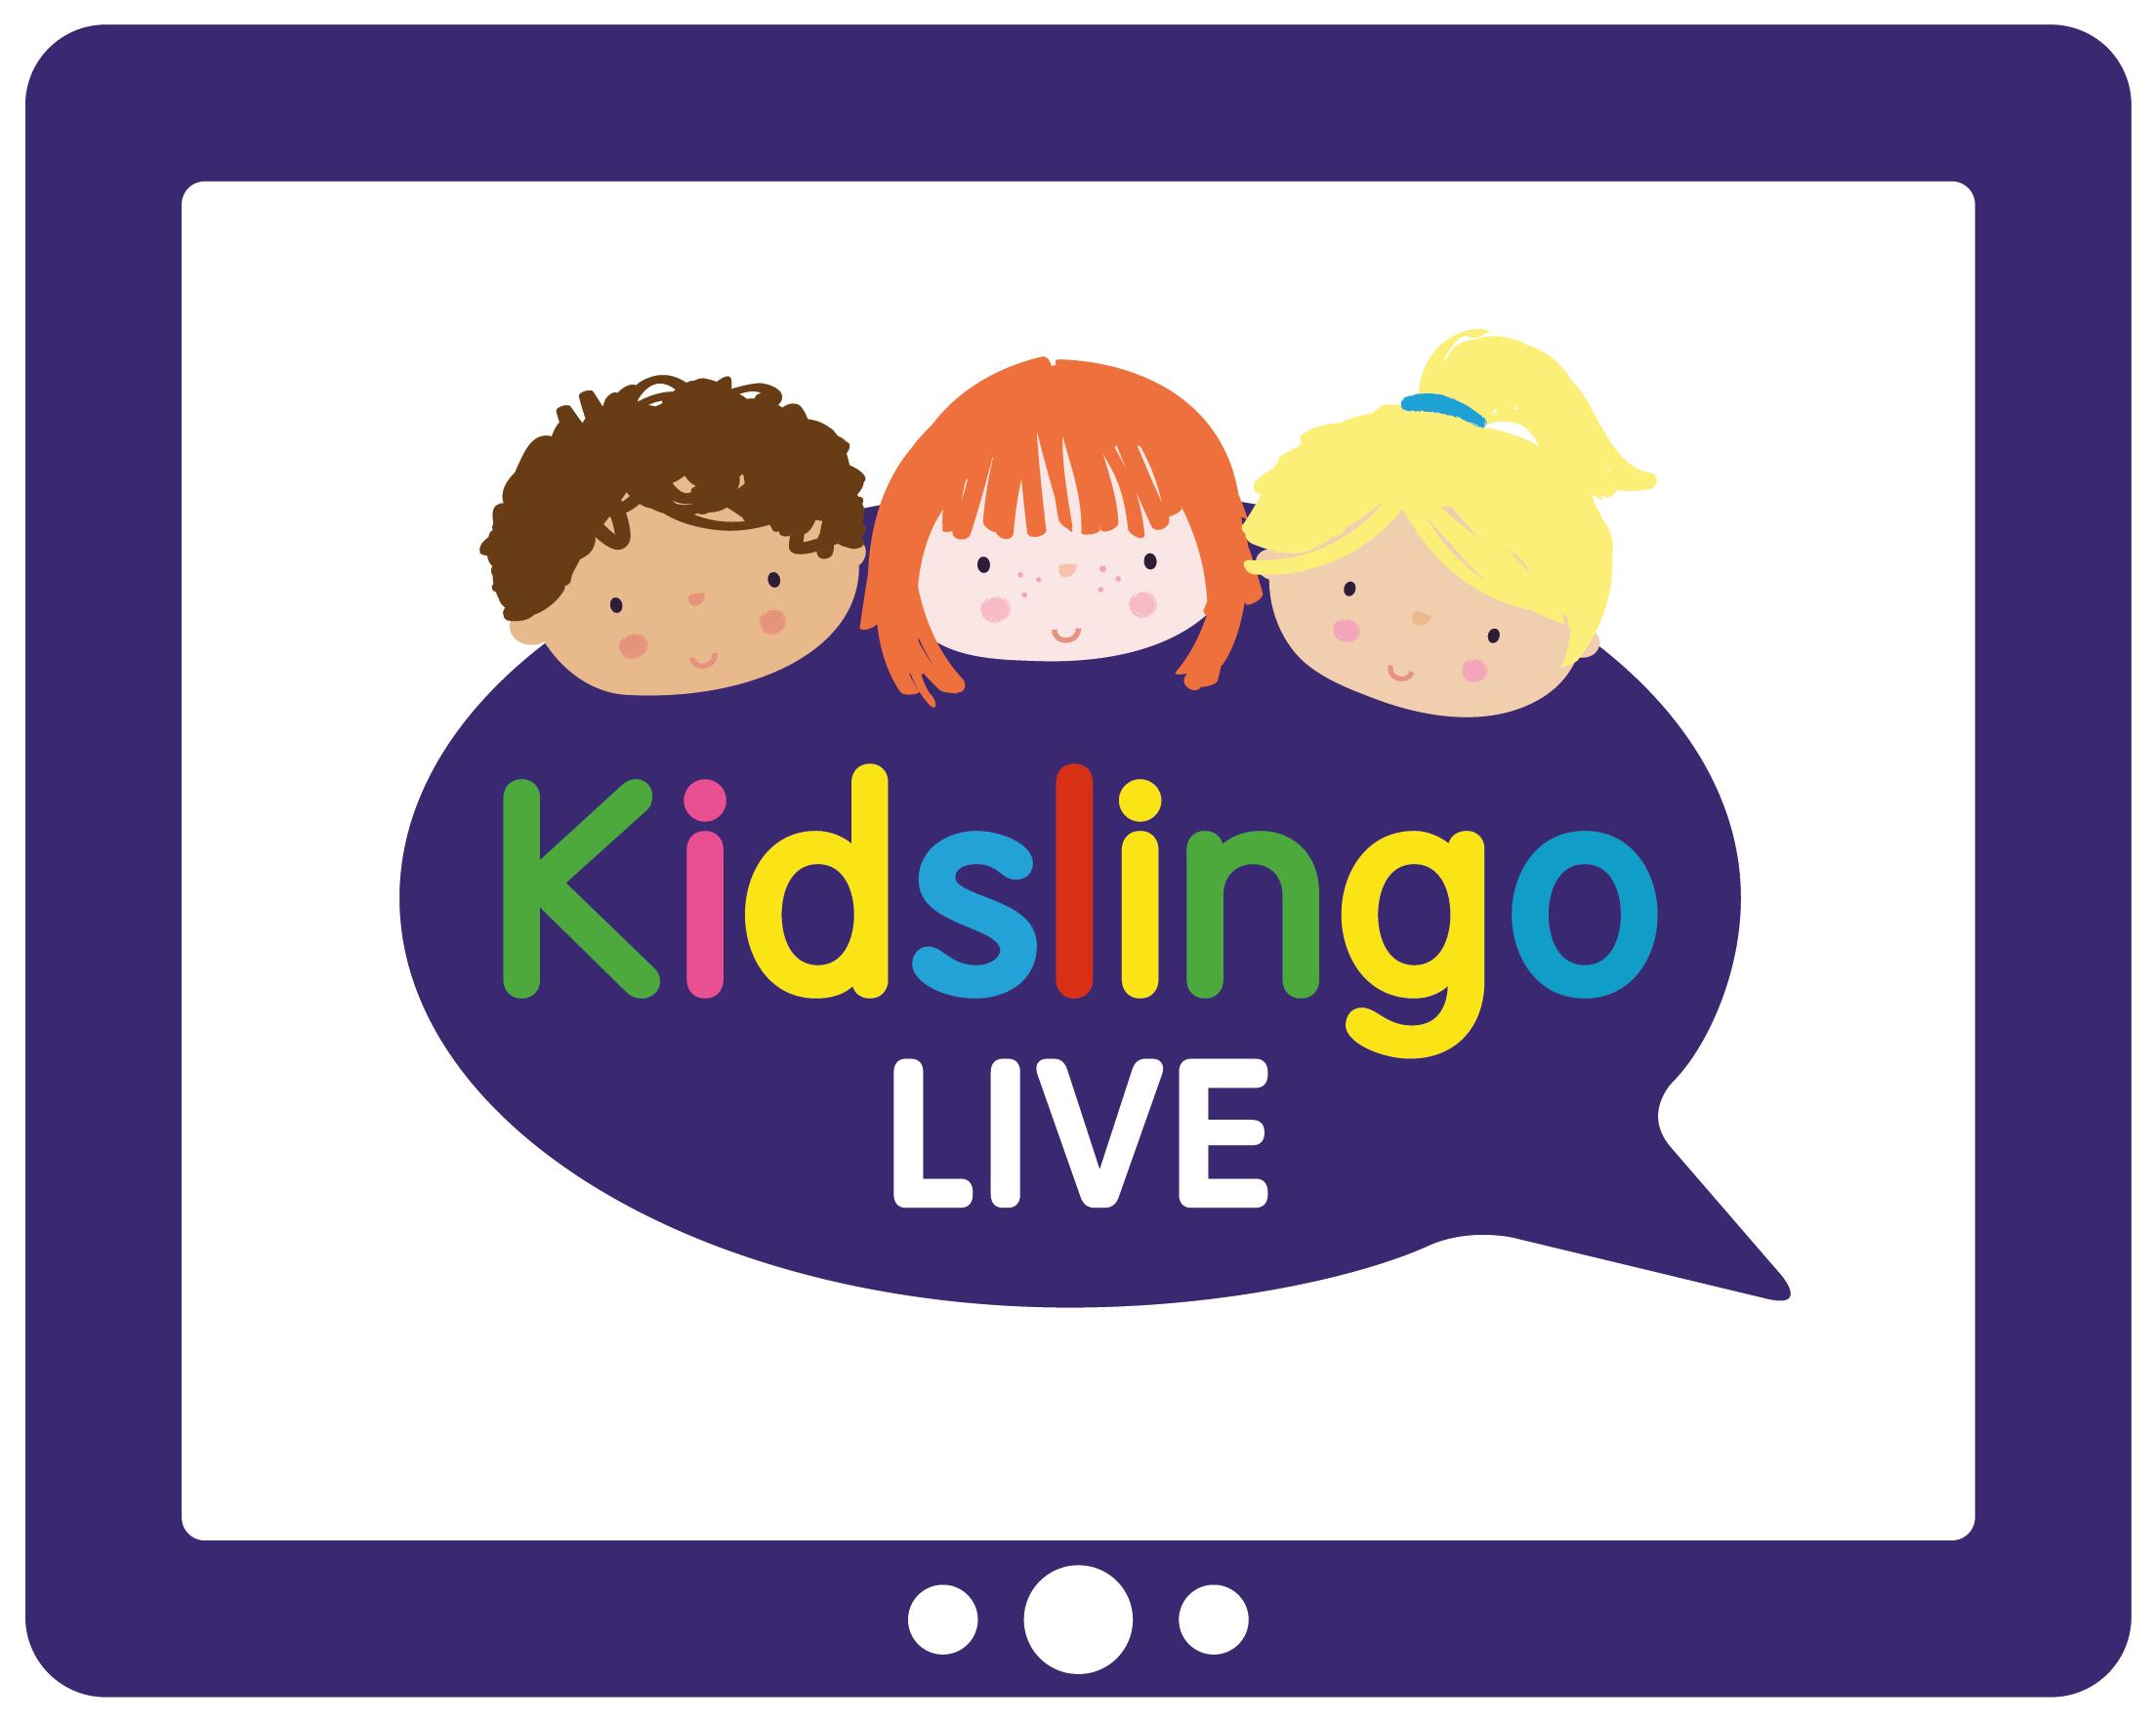 Kidslingo Cheltenham, Gloucester & Tewkesbury's logo